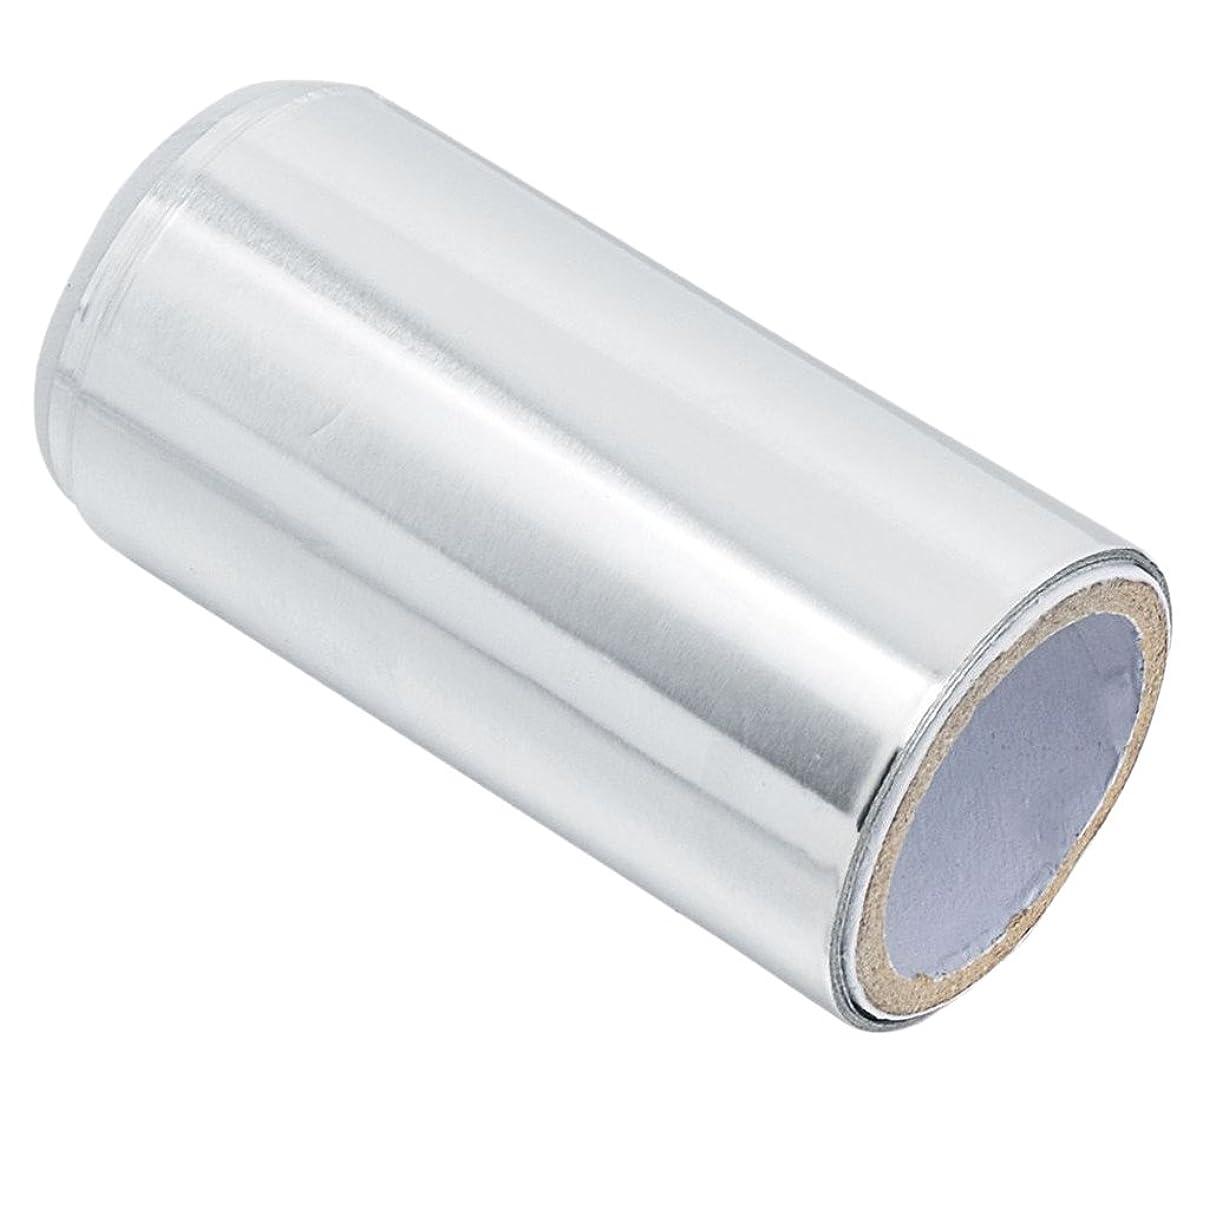 有効化最悪ラバCUTICATE マニキュア錫箔紙 ヘア/ネイル用 ジェル除却 ヘアパーマ 約5m